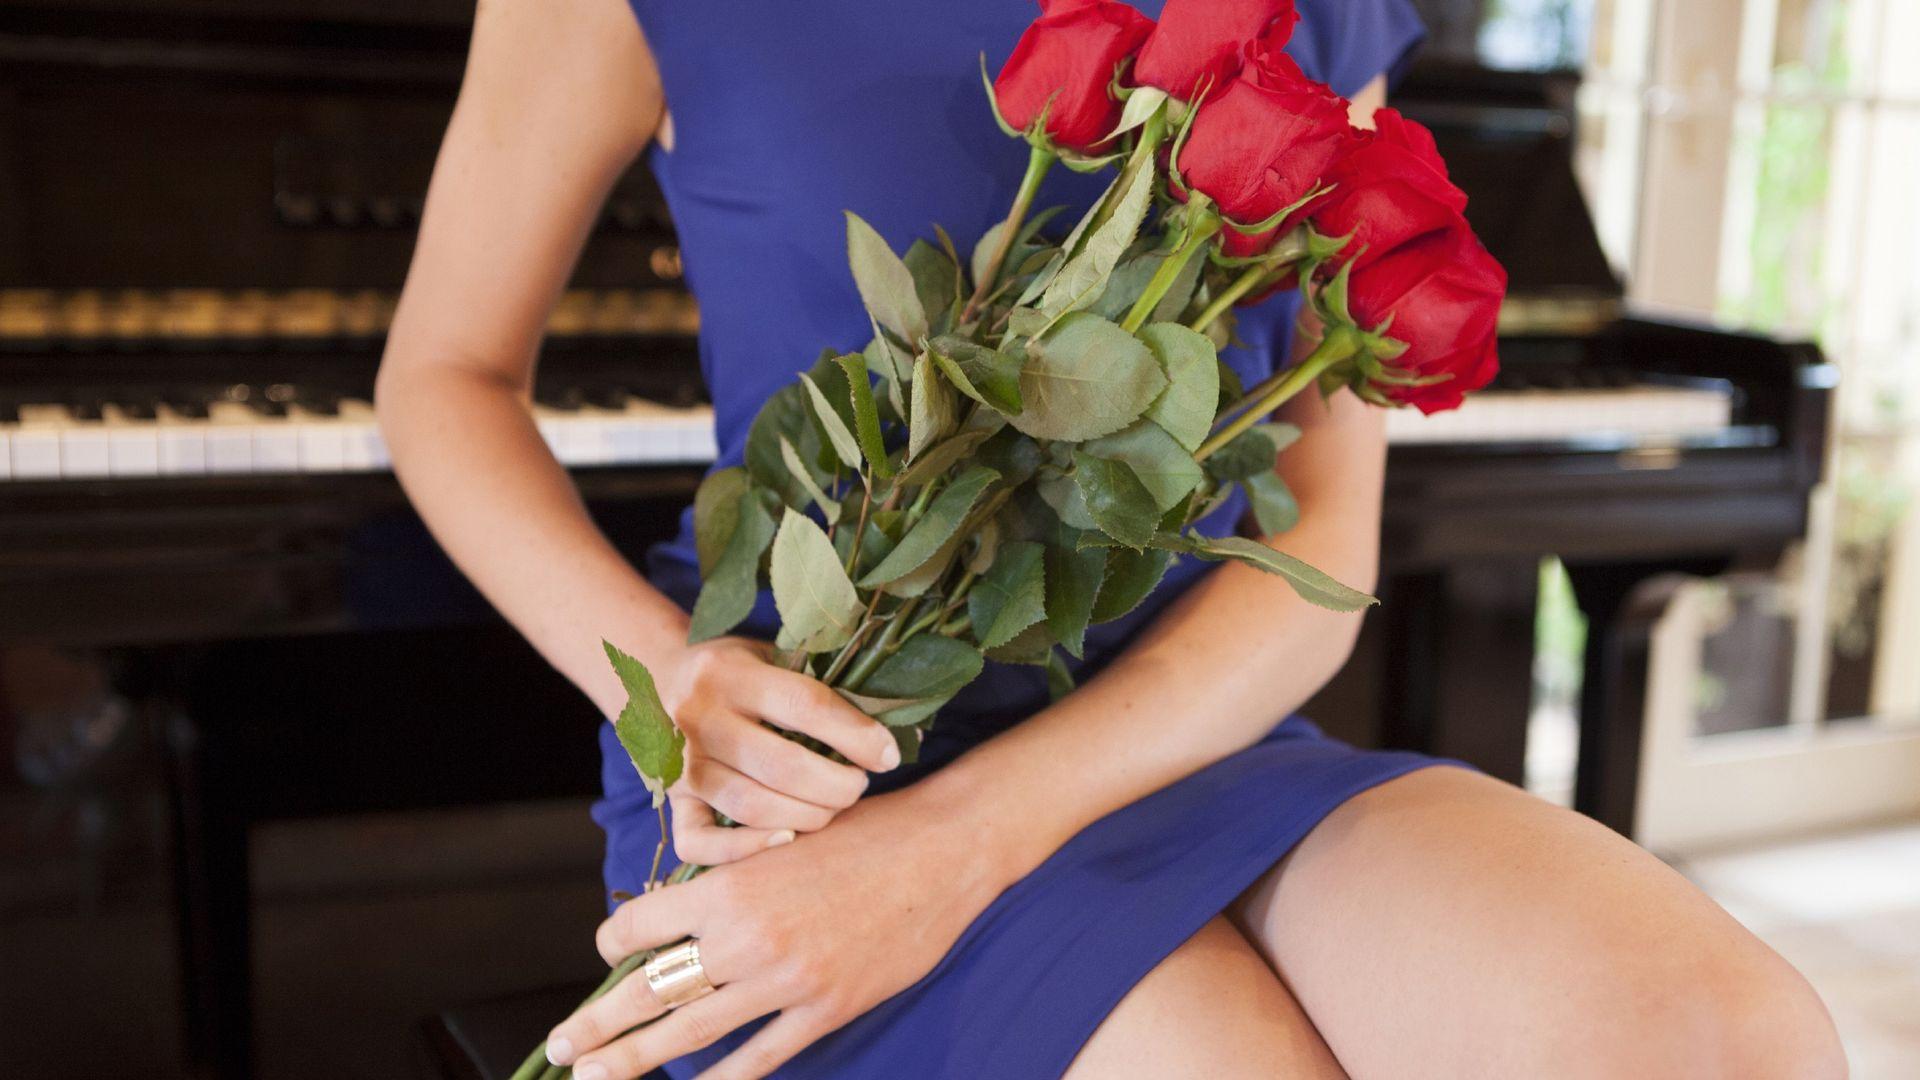 Es-wird-romantisch-Die-Bachelorette-startet-am-18-Juli